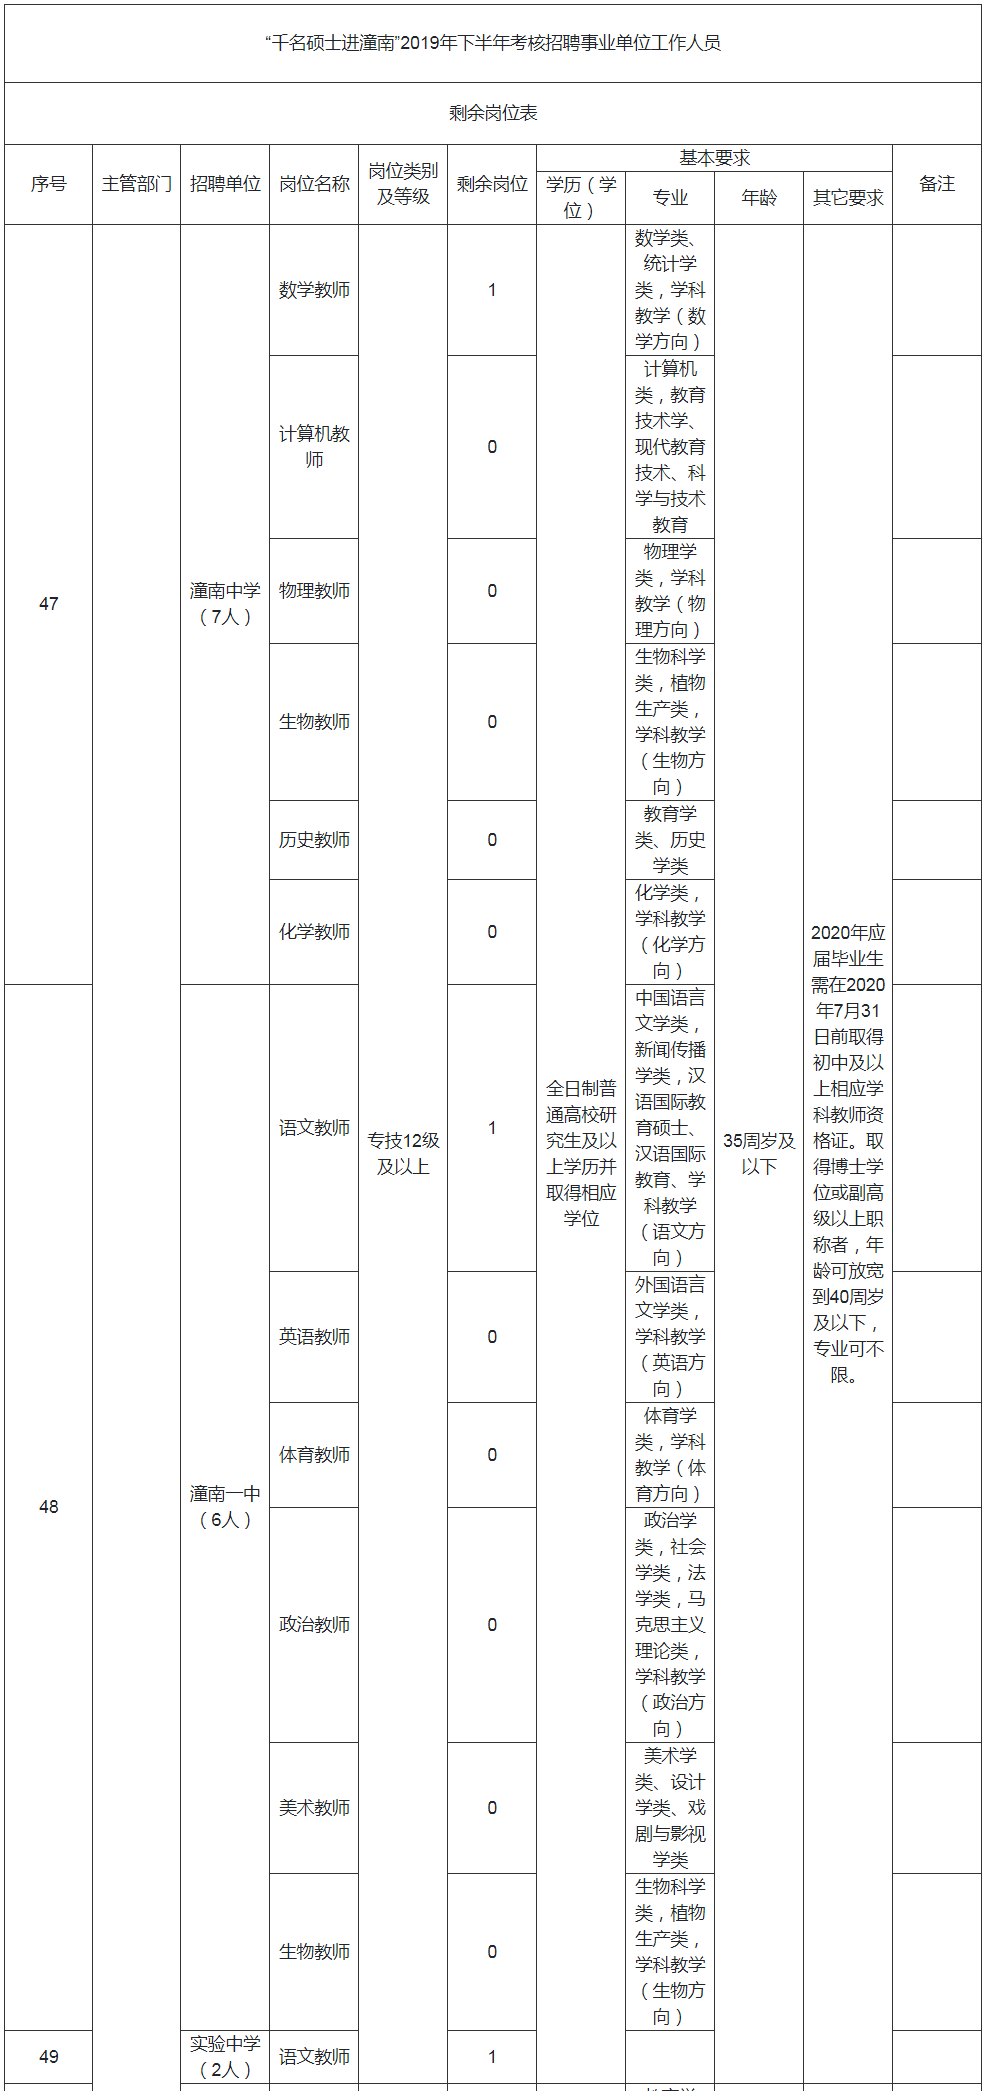 千名硕士进潼南2019年下半年考核招聘事业单位工作人员剩余岗位表